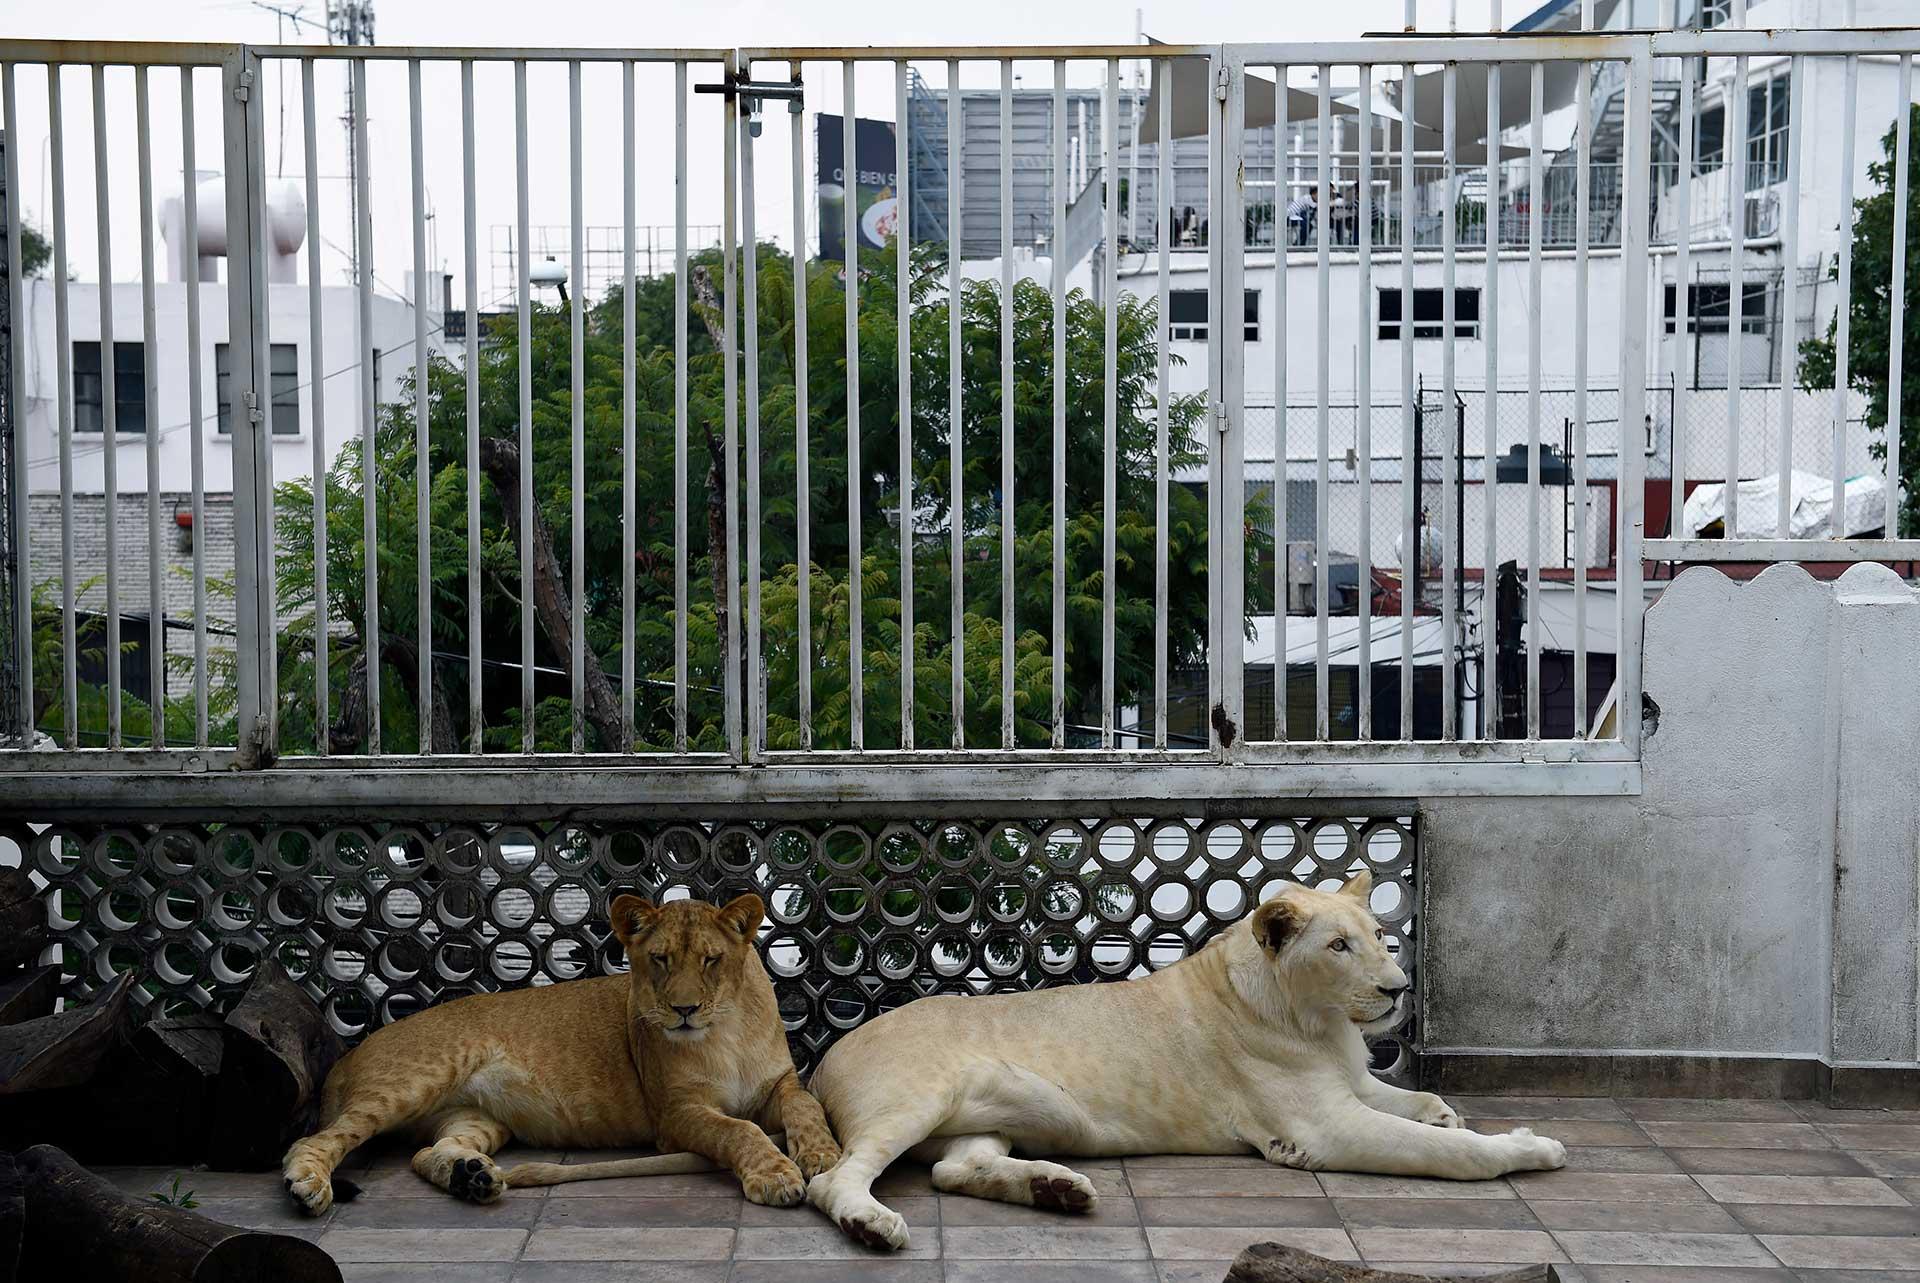 Los leones blancos son una subespecie muy rara en el mundo animal producto de un gen recesivo inhibidor del color, que está en peligro de extinción